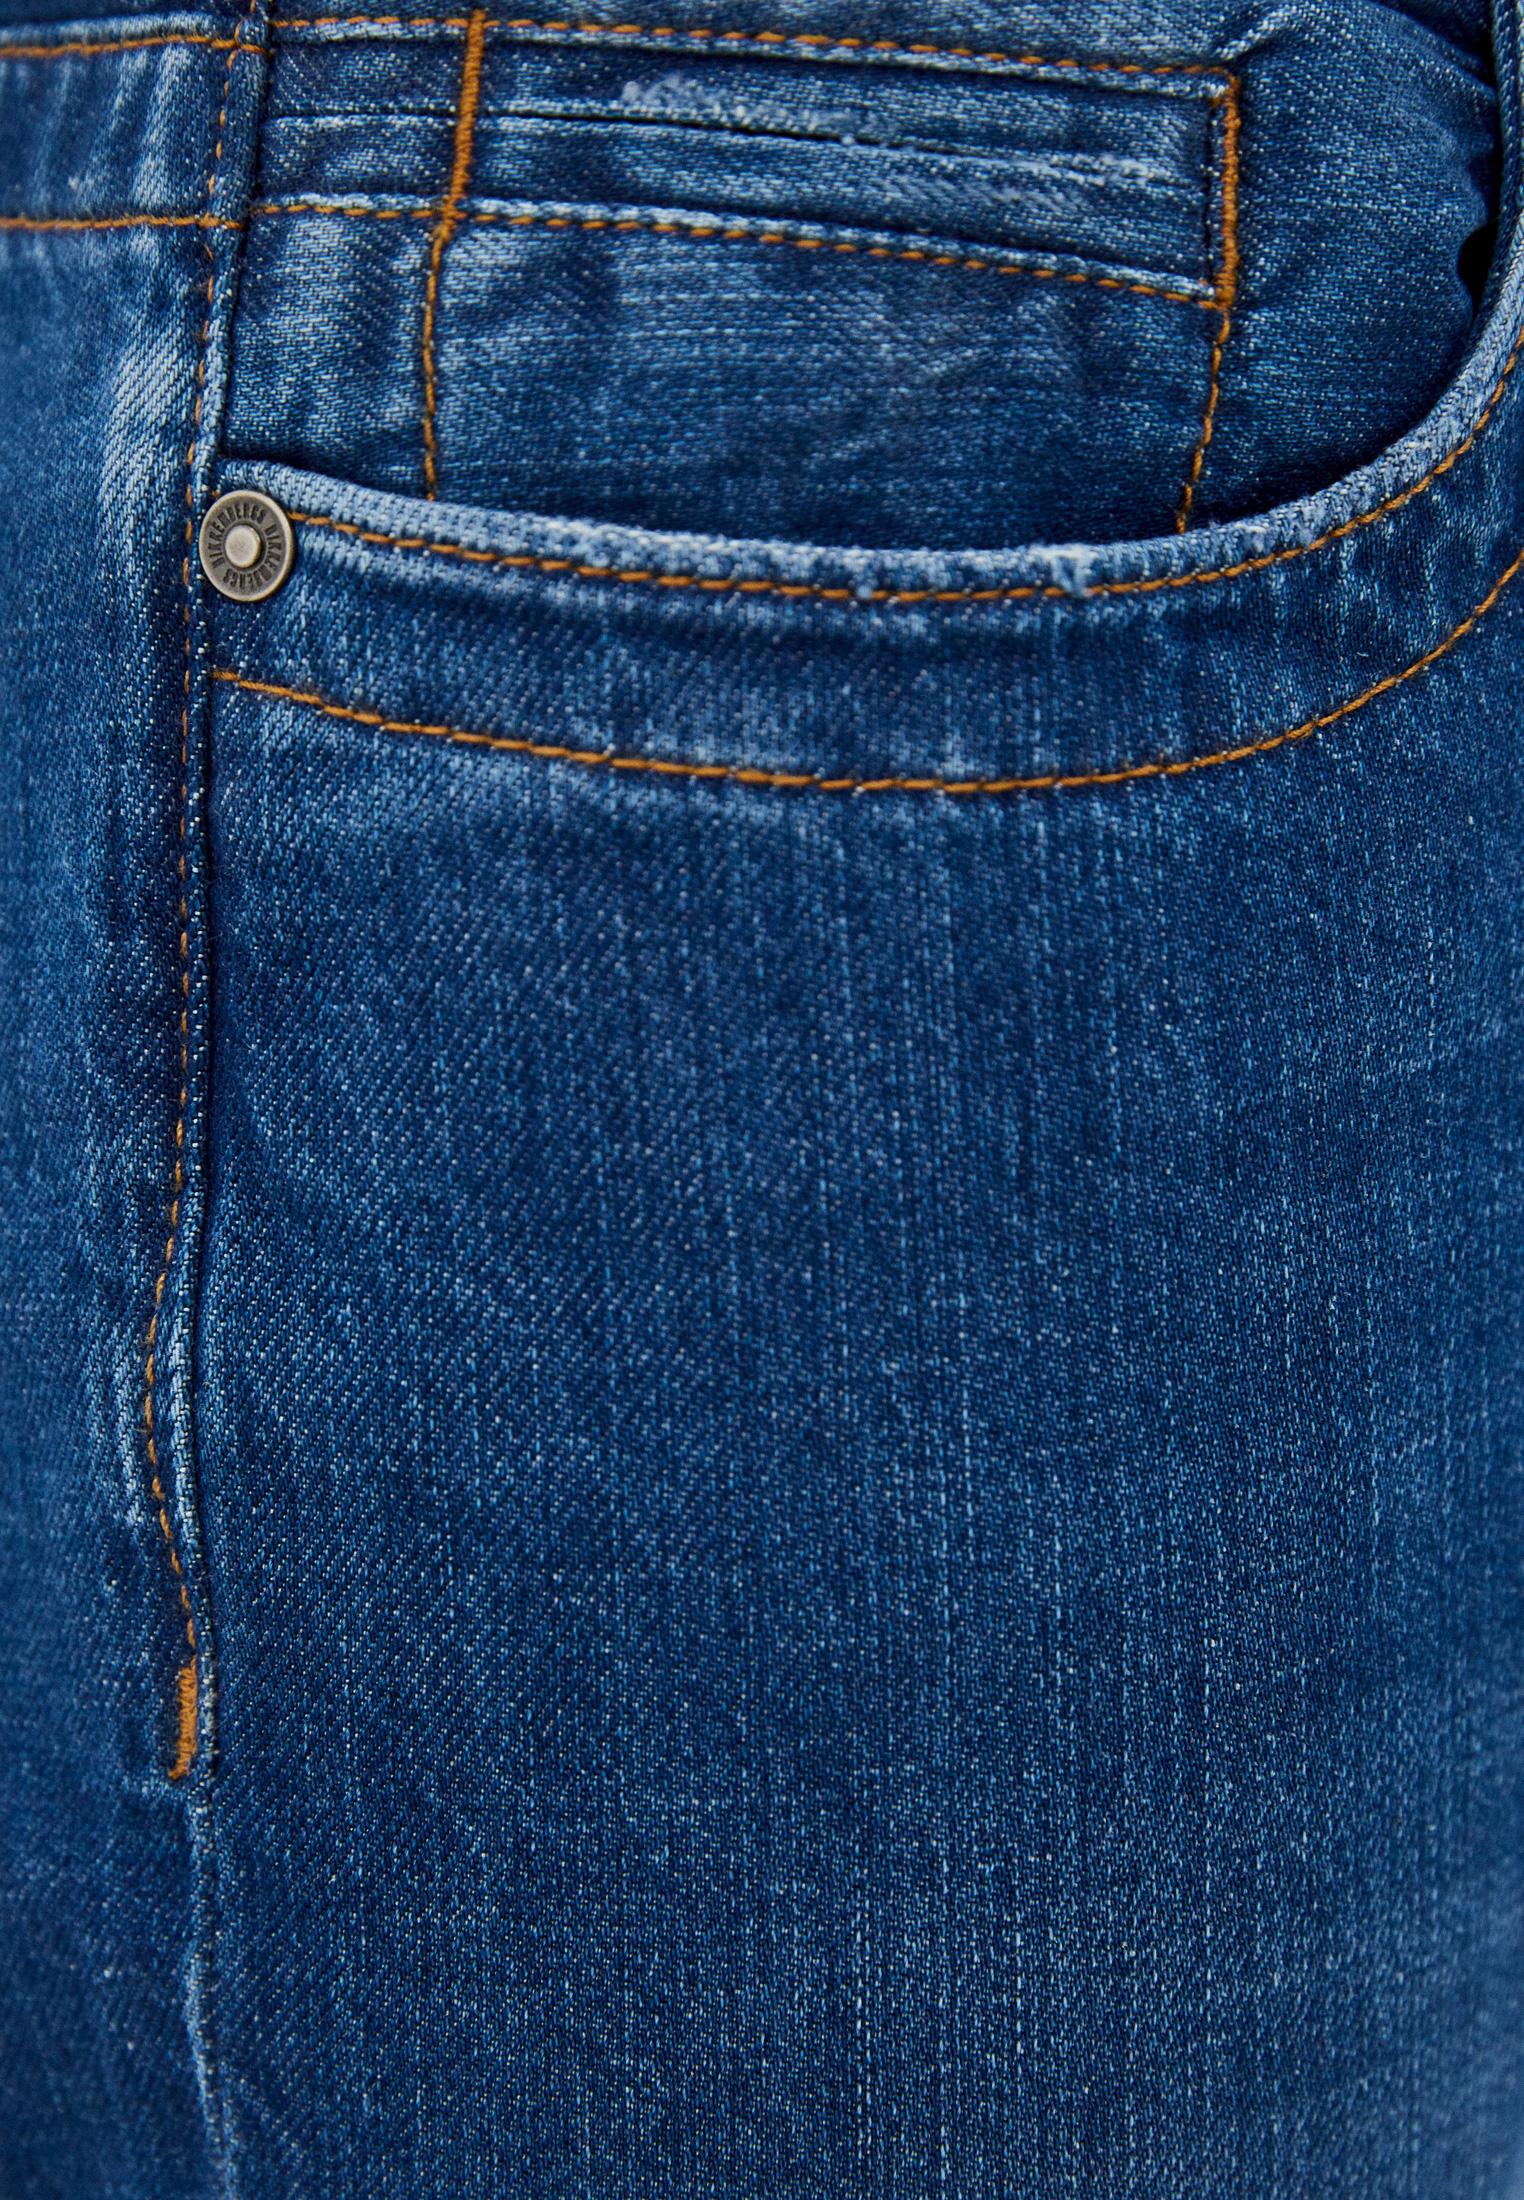 Мужские прямые джинсы Bikkembergs (Биккембергс) c q 102 03 t 9974: изображение 5